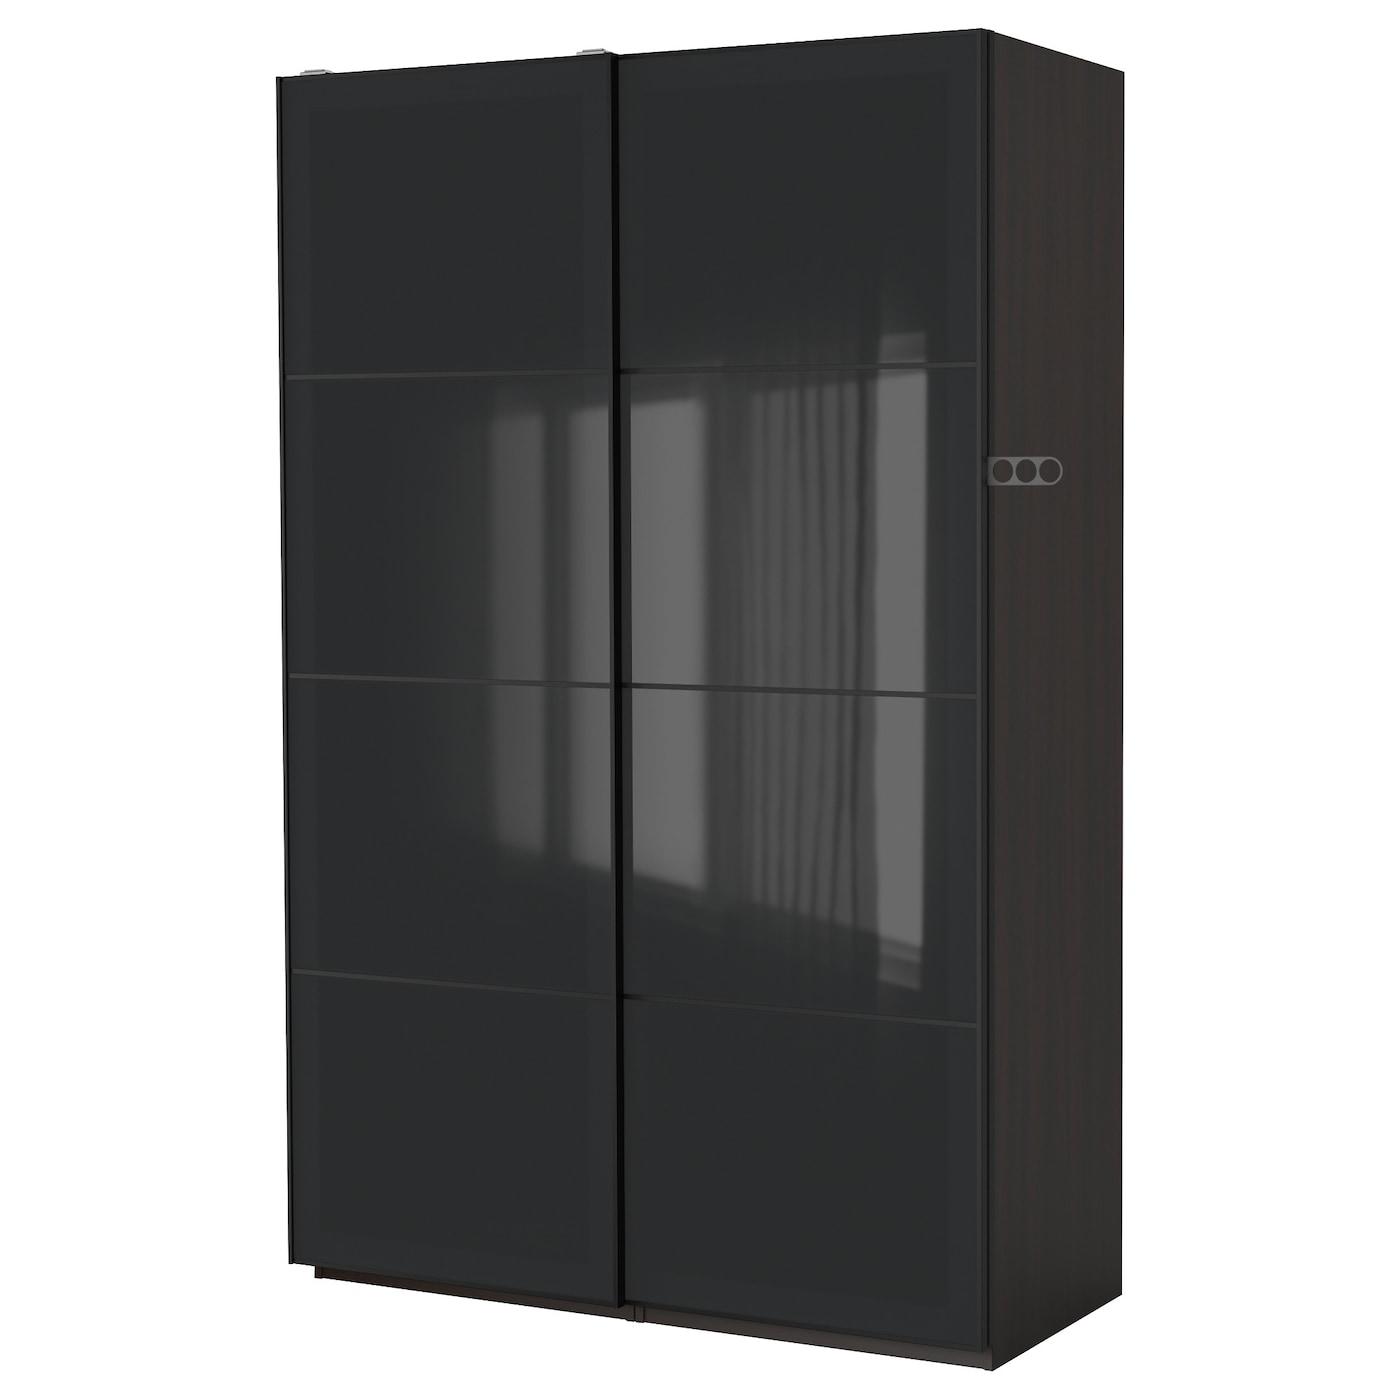 pax armoire penderie brun noir uggdal verre gris 150x66x236 cm ikea. Black Bedroom Furniture Sets. Home Design Ideas